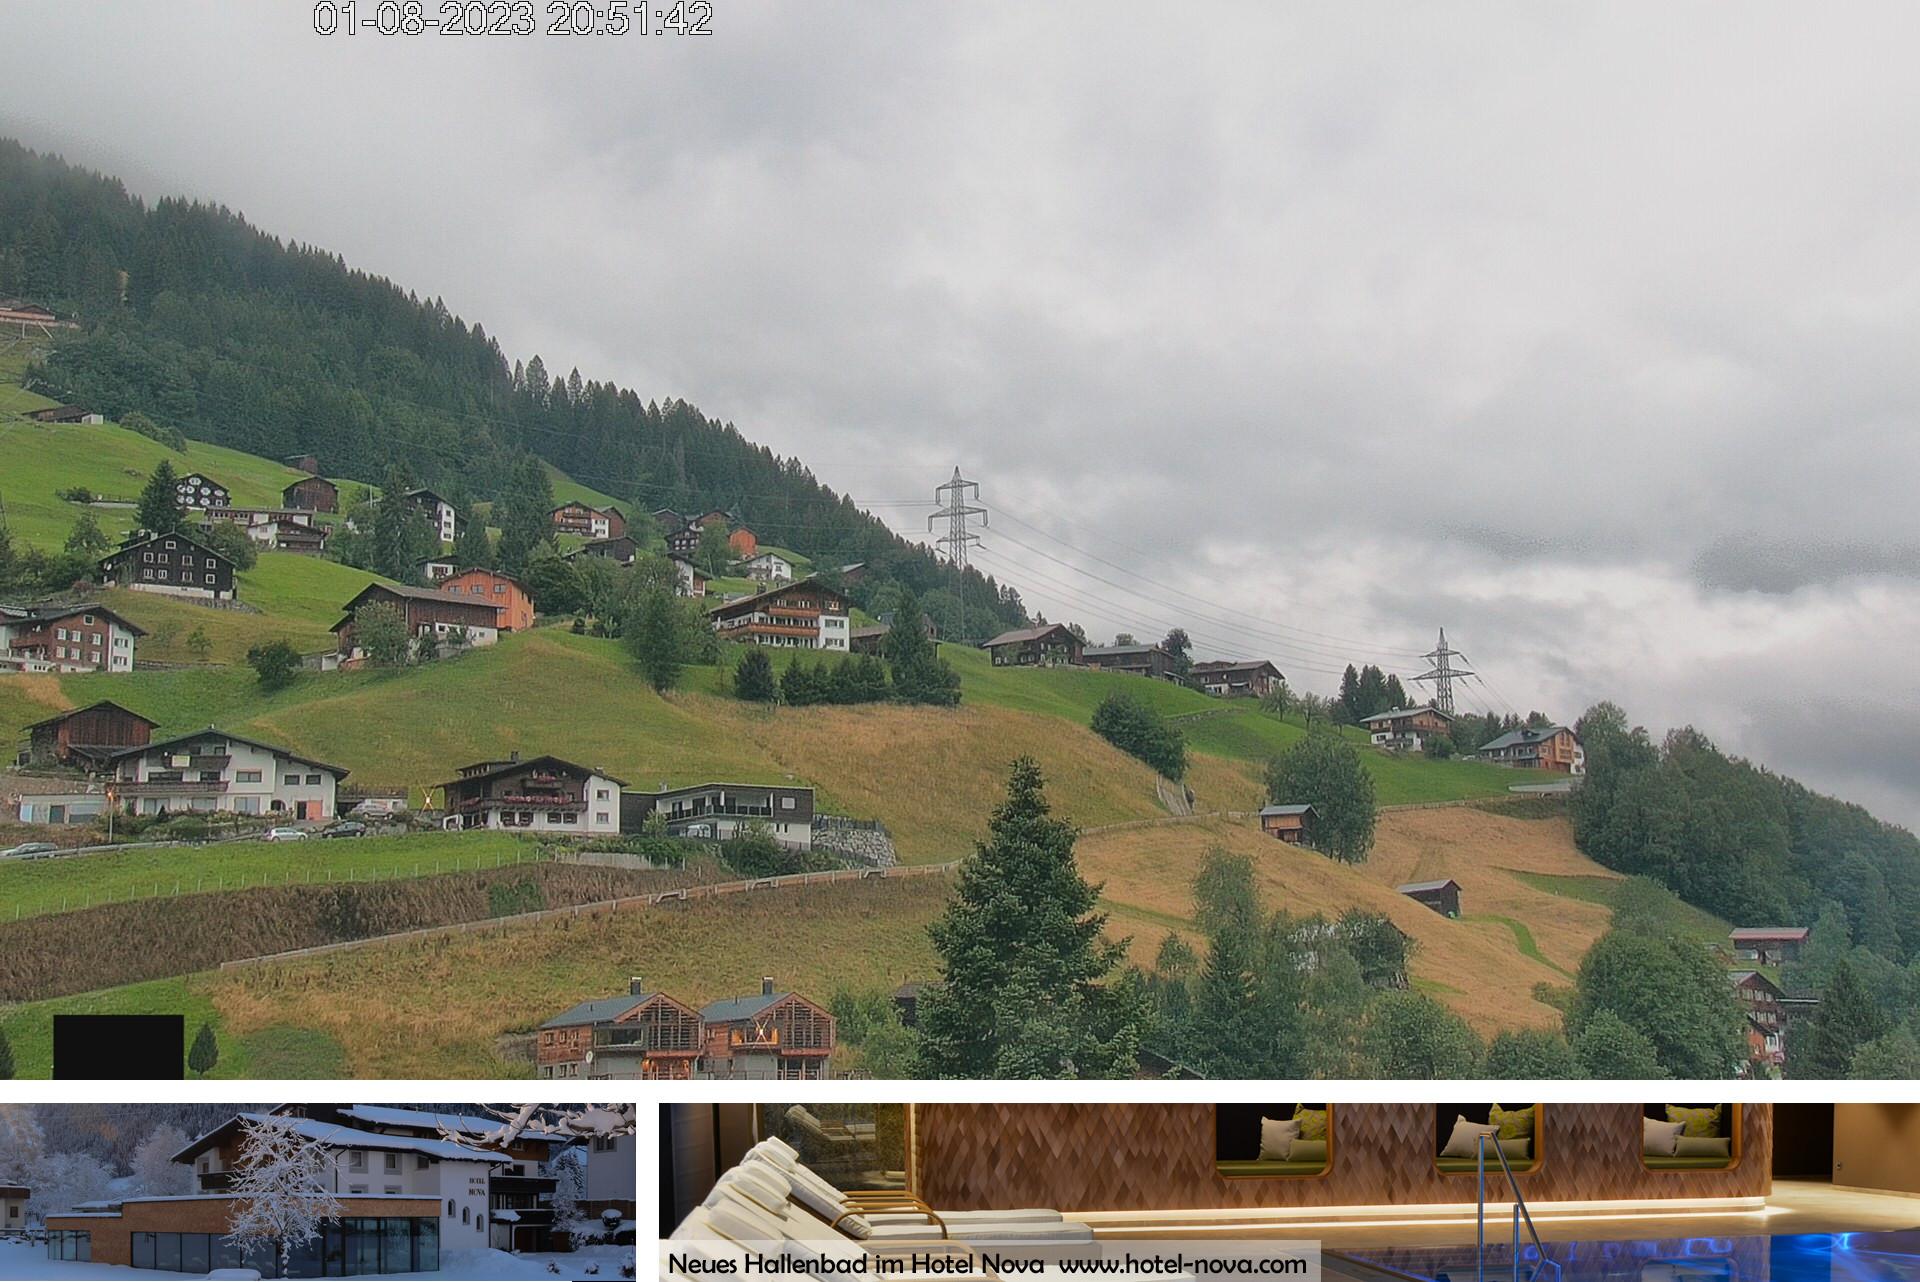 Panorama Webcam Hotel Nova an der Silvretta - Blick auf Gaschurn Berg